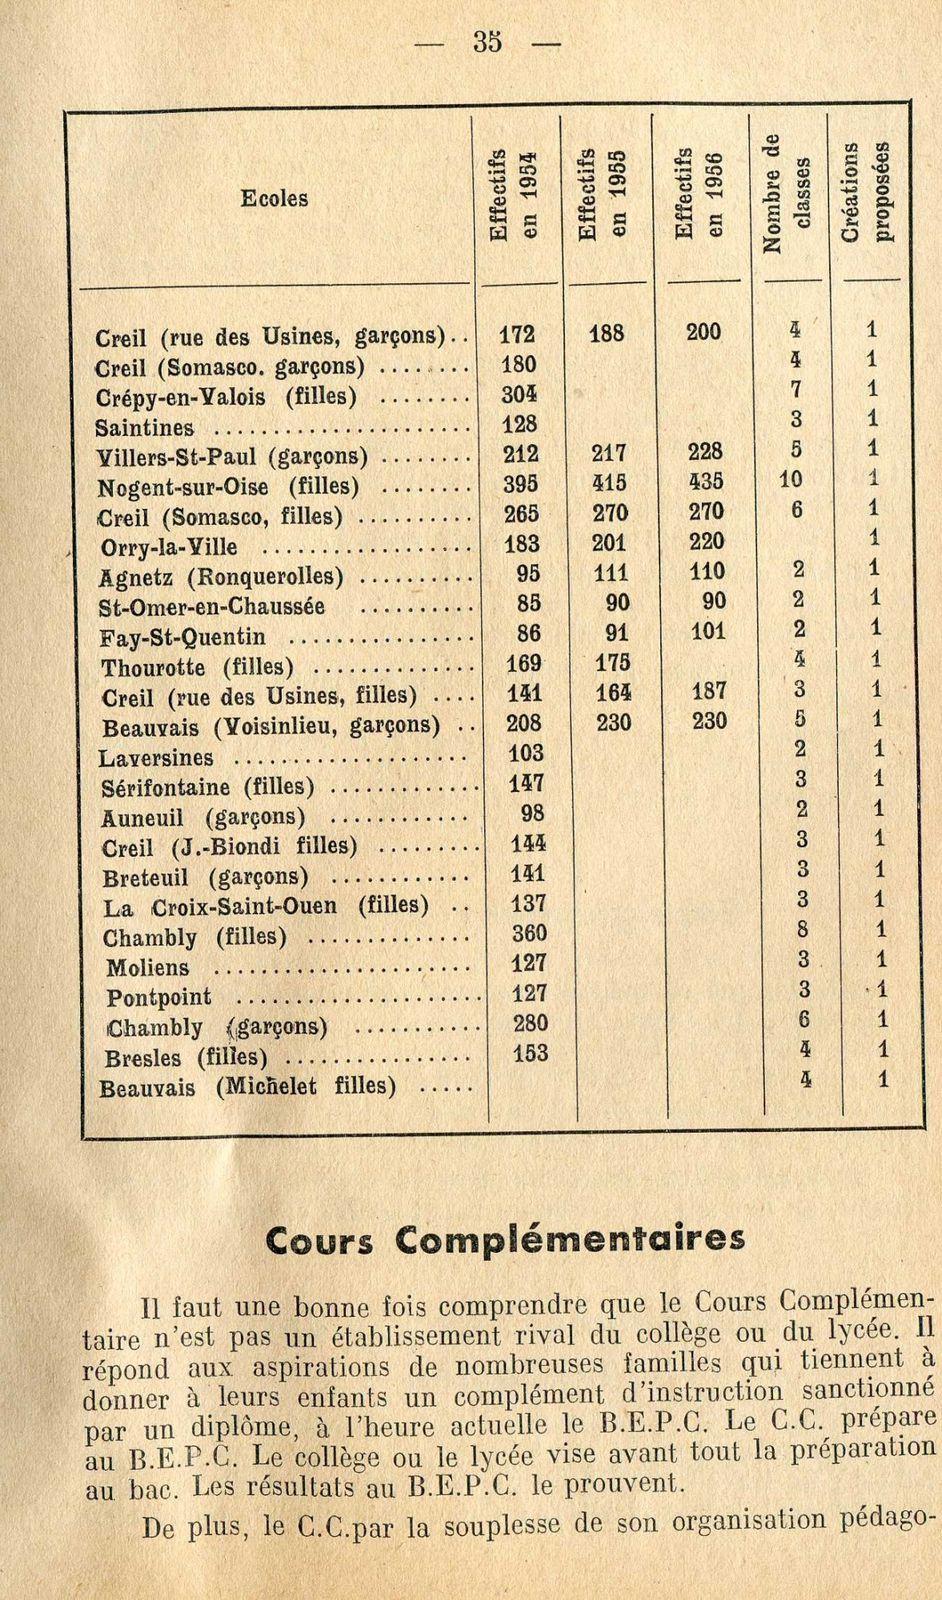 Album - s 1954, la situation de l'école publique dans l'Oise (1ère partie)